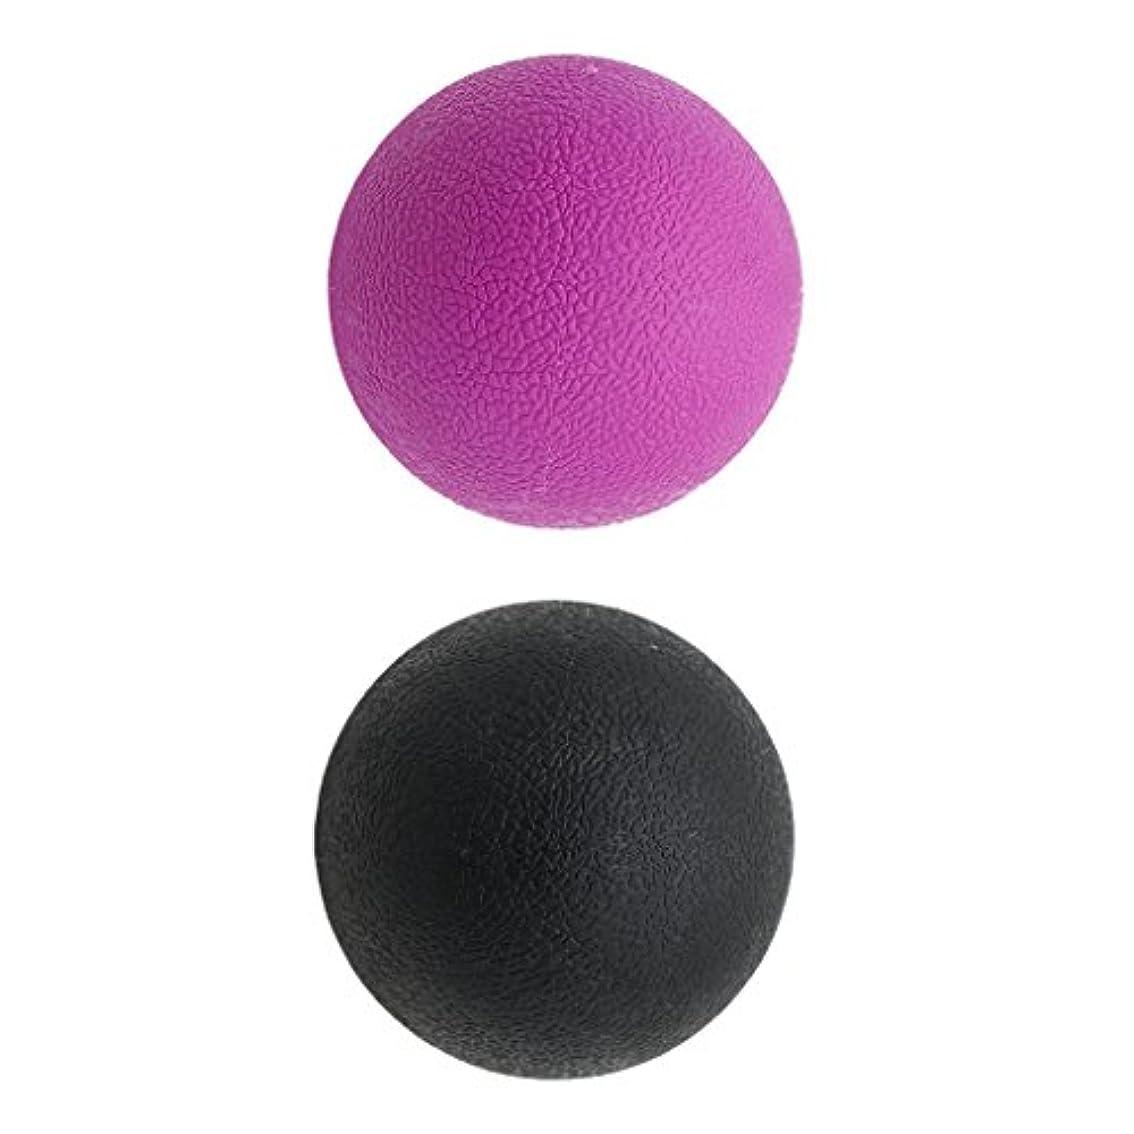 本当に注意アレルギー性2個 マッサージボール ラクロスボール 背部 トリガ ポイント マッサージ 多色選べる - ブラックパープル